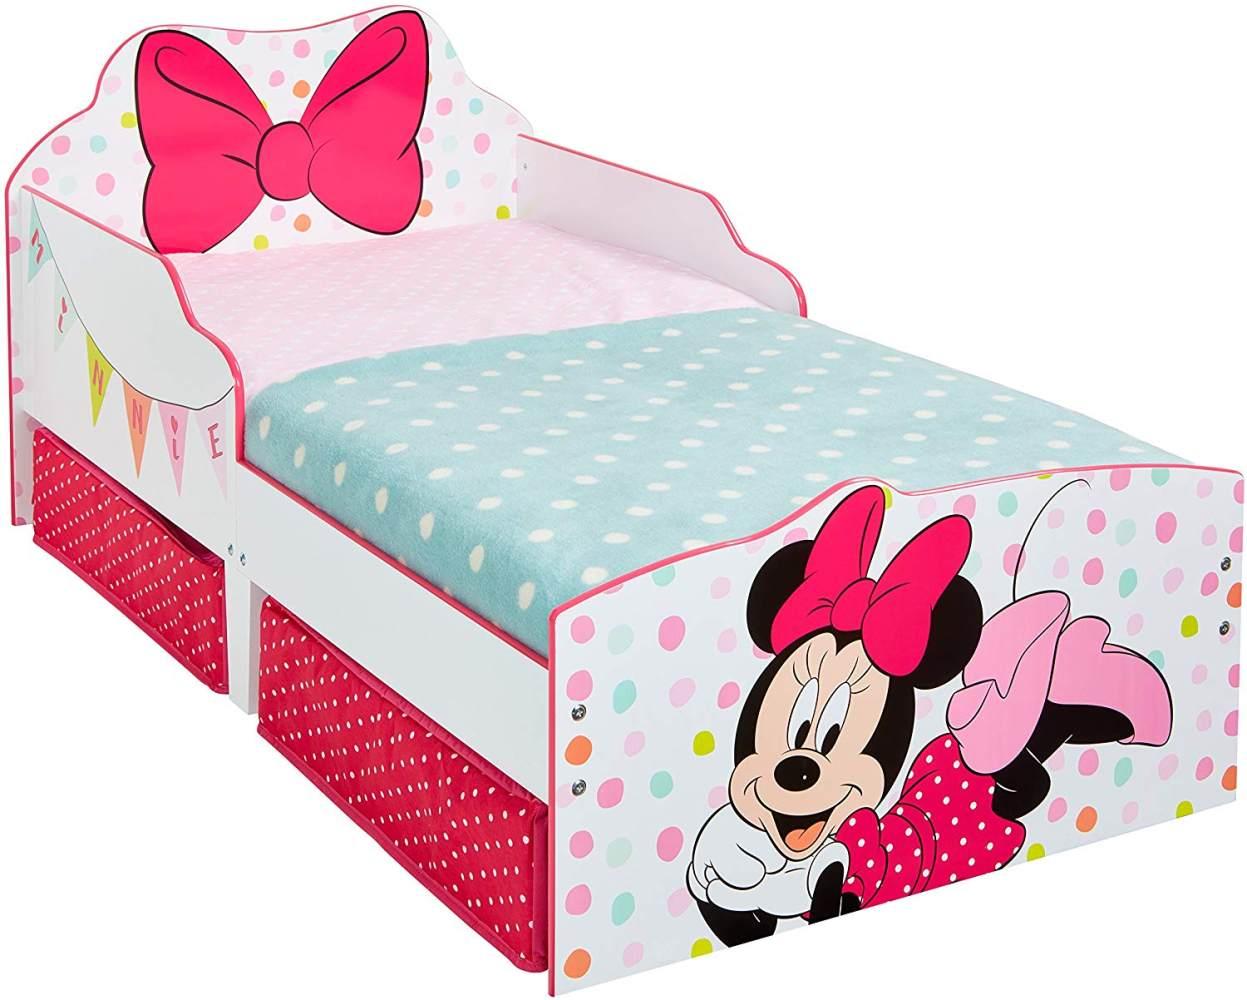 Worlds Apart 'Minnie Mouse' Kinderbett, weiß/pink, 70x140 cm, inkl. 2 Textilschubladen Bild 1